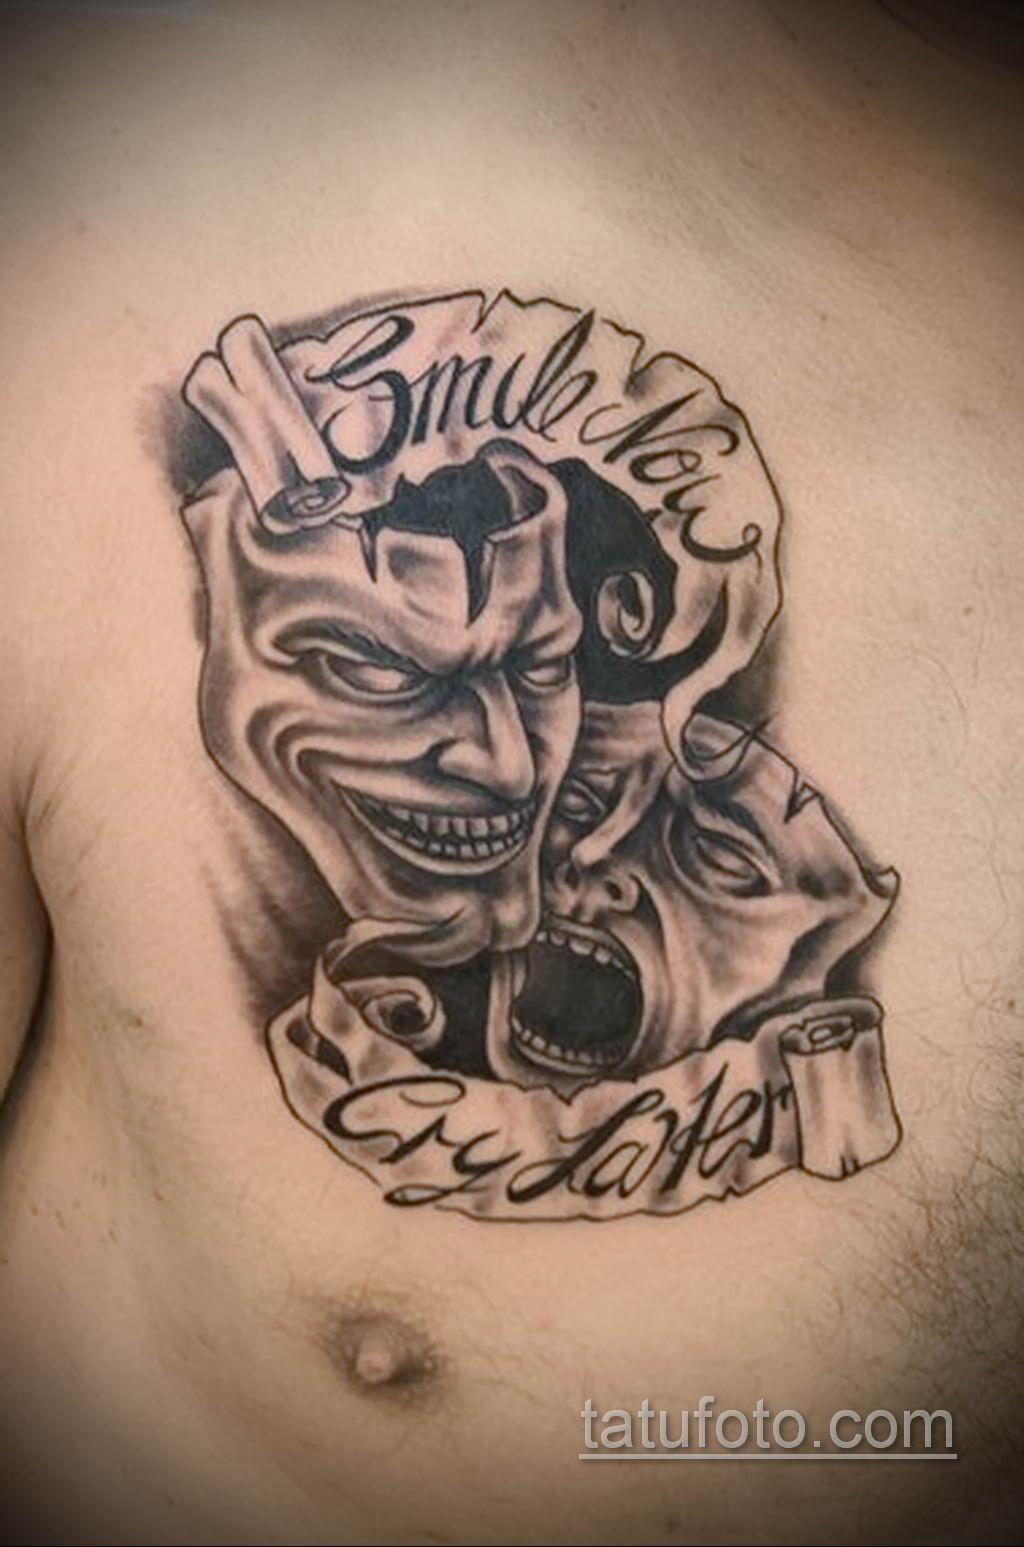 Фото тату театральные маски 09.09.2019 №101 - tattoo theater masks - tatufoto.com